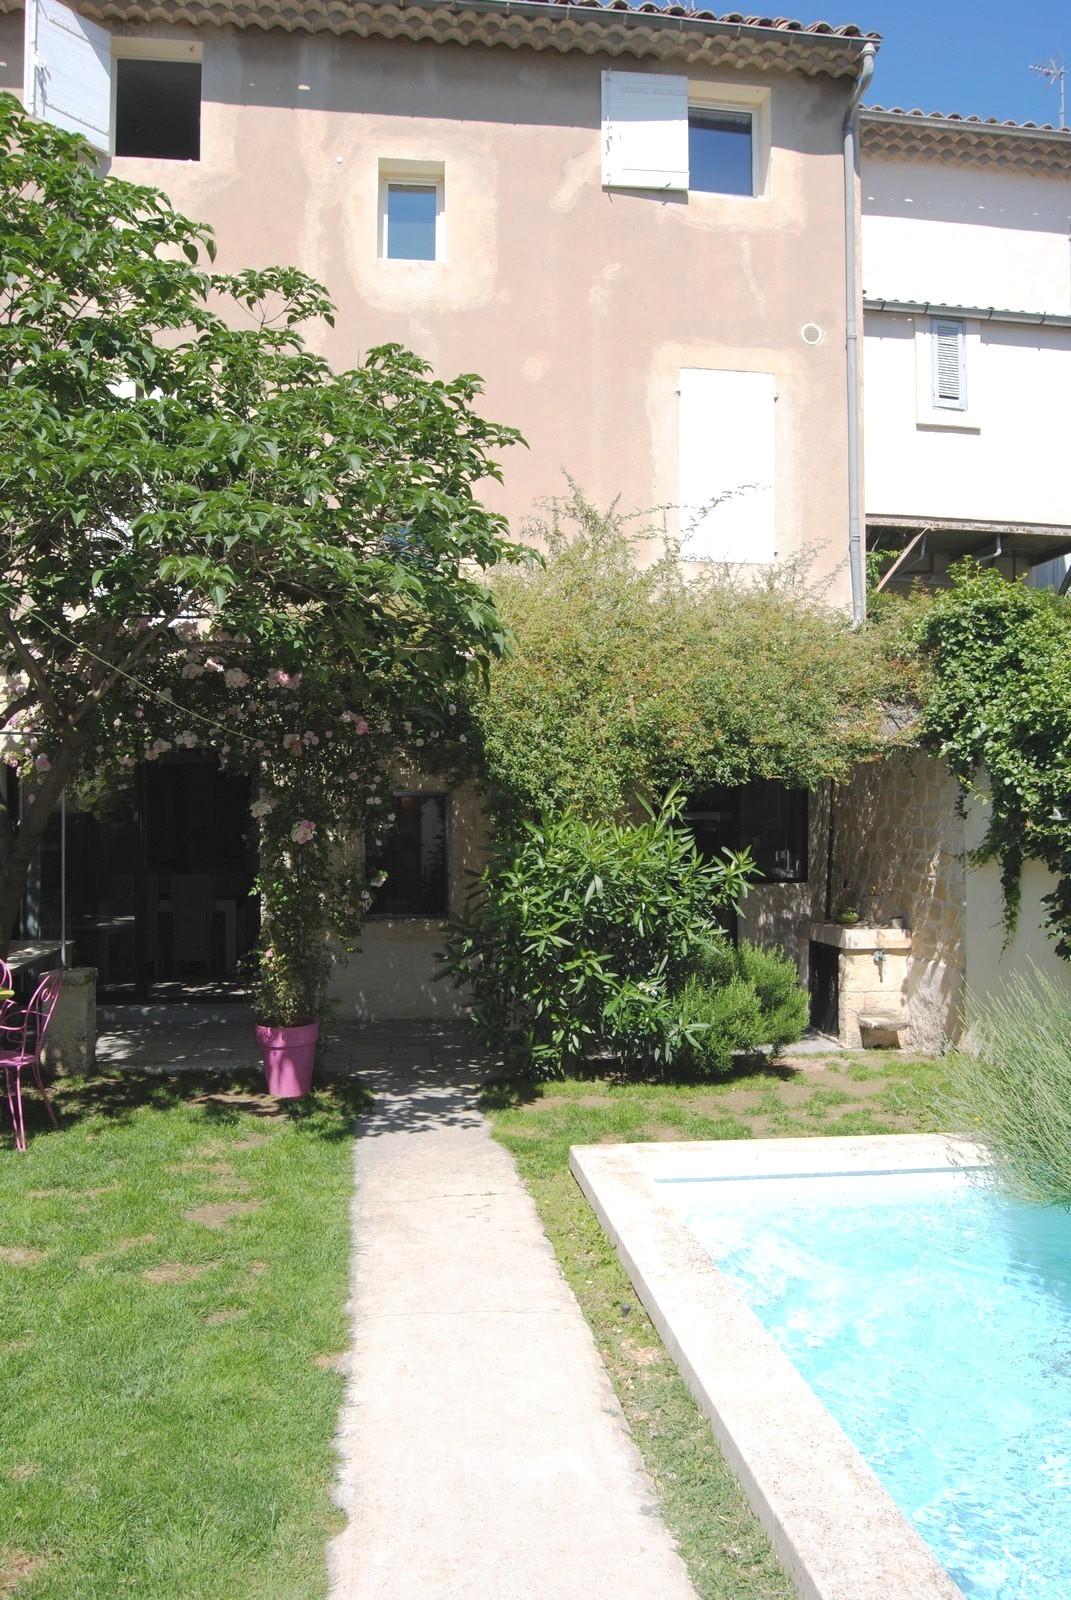 pertuis maison de village t6 vendre avec jardin piscine garage et cave un t1 de 37 m. Black Bedroom Furniture Sets. Home Design Ideas